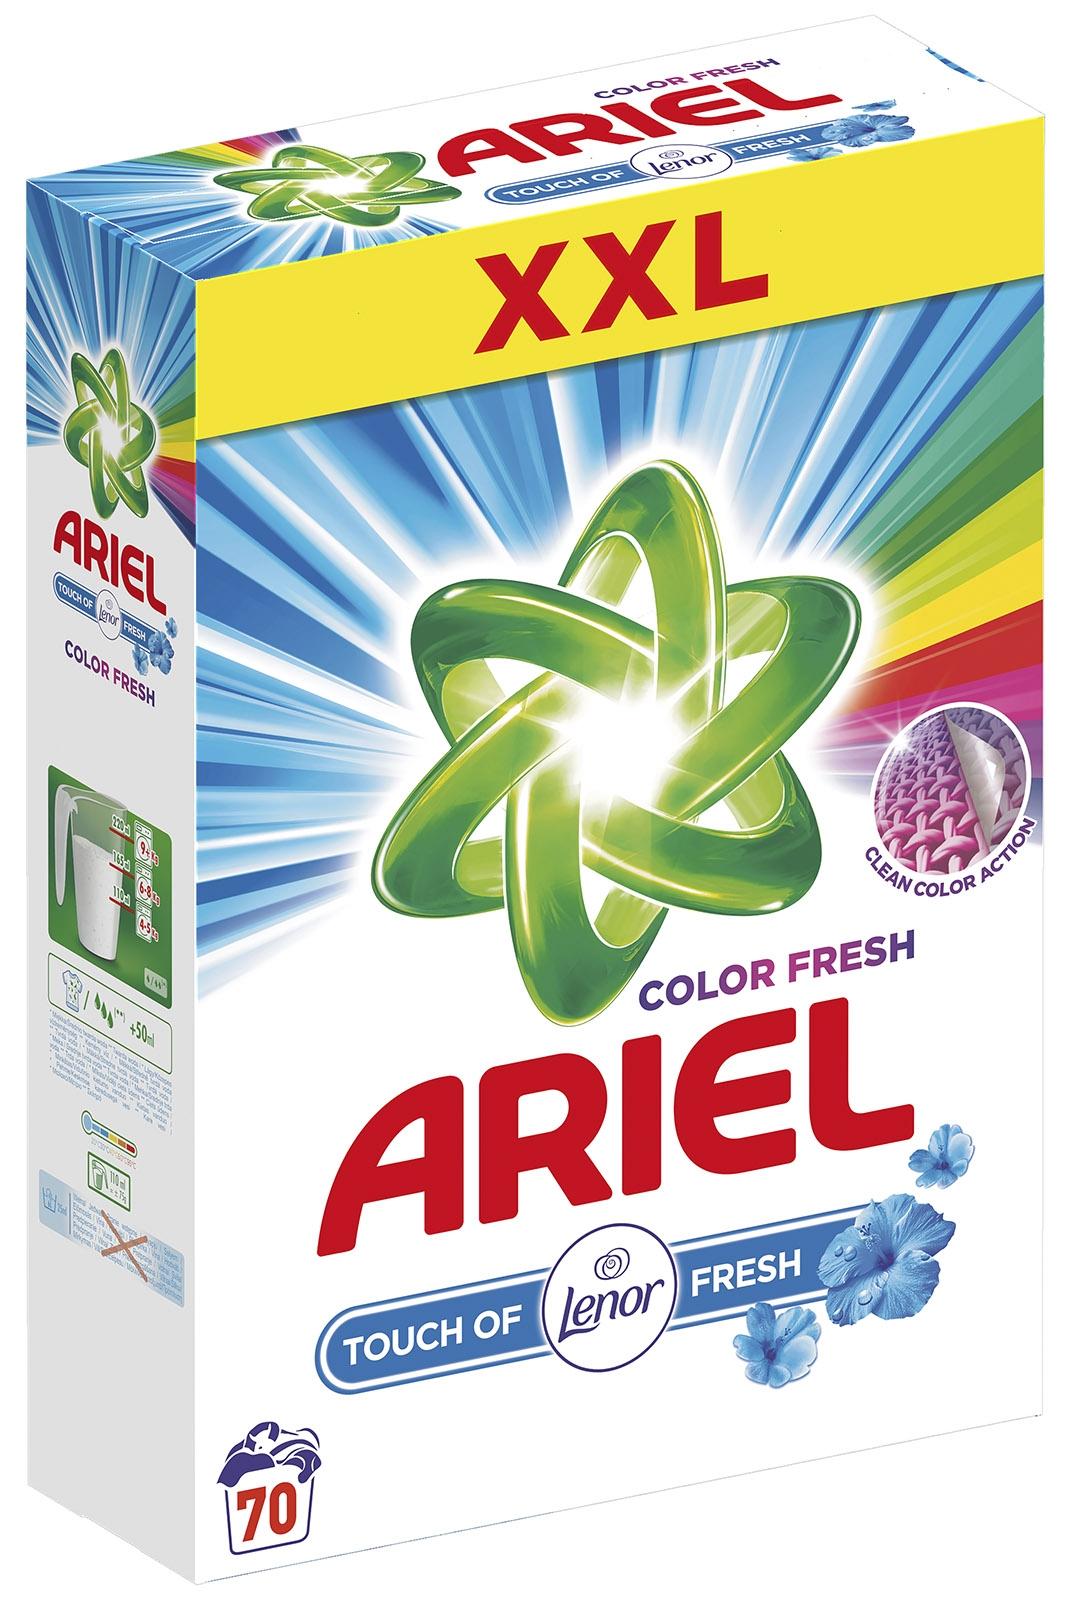 Ariel Touch of Lenor Color Fresh prací prášek, 70 praní 5,25 kg